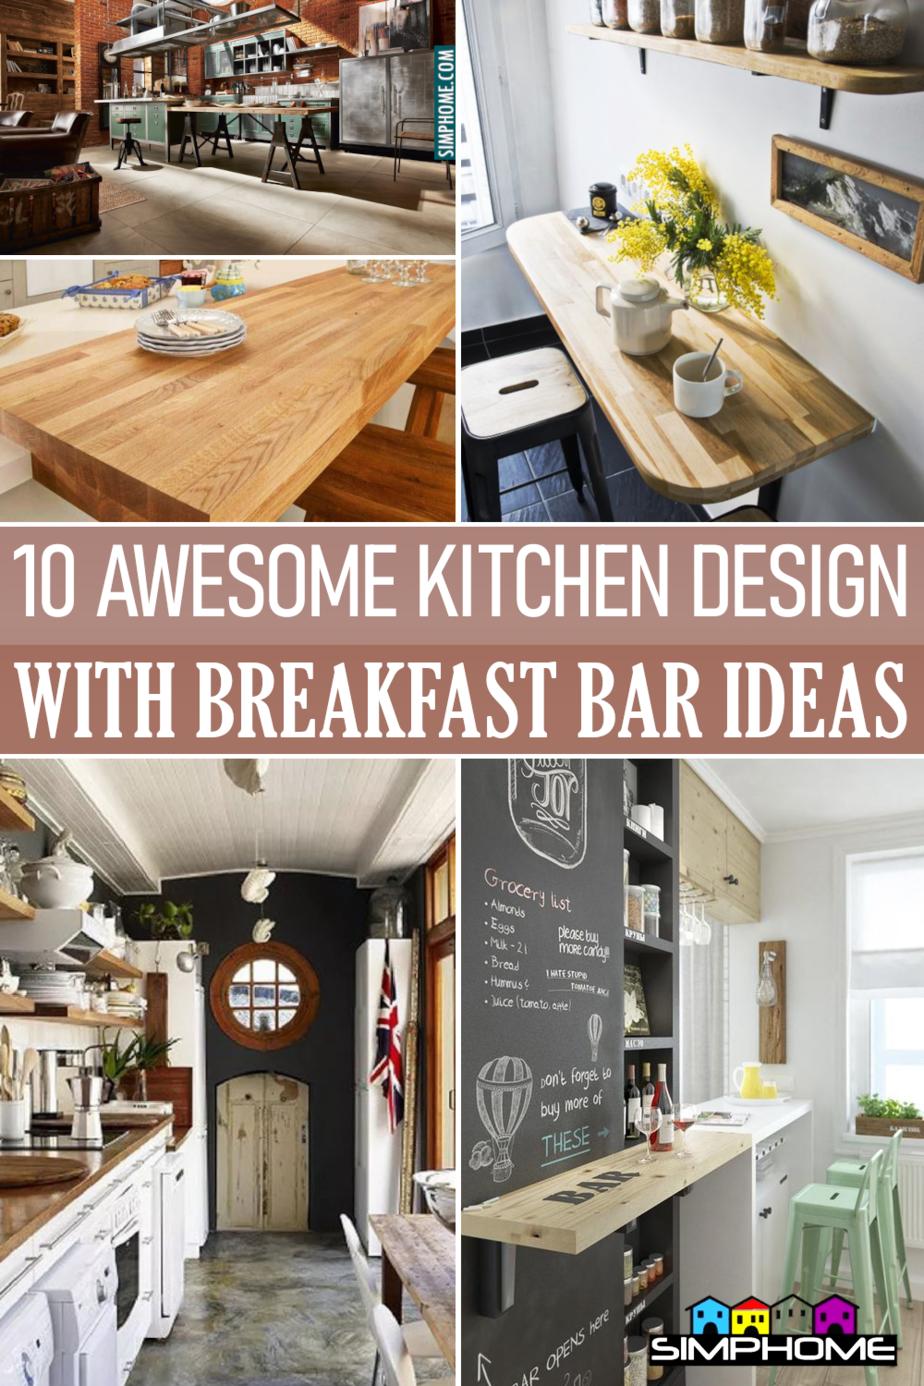 10 Kichen Design With Breakfast Bar Ideas via Simphome.comFeatured